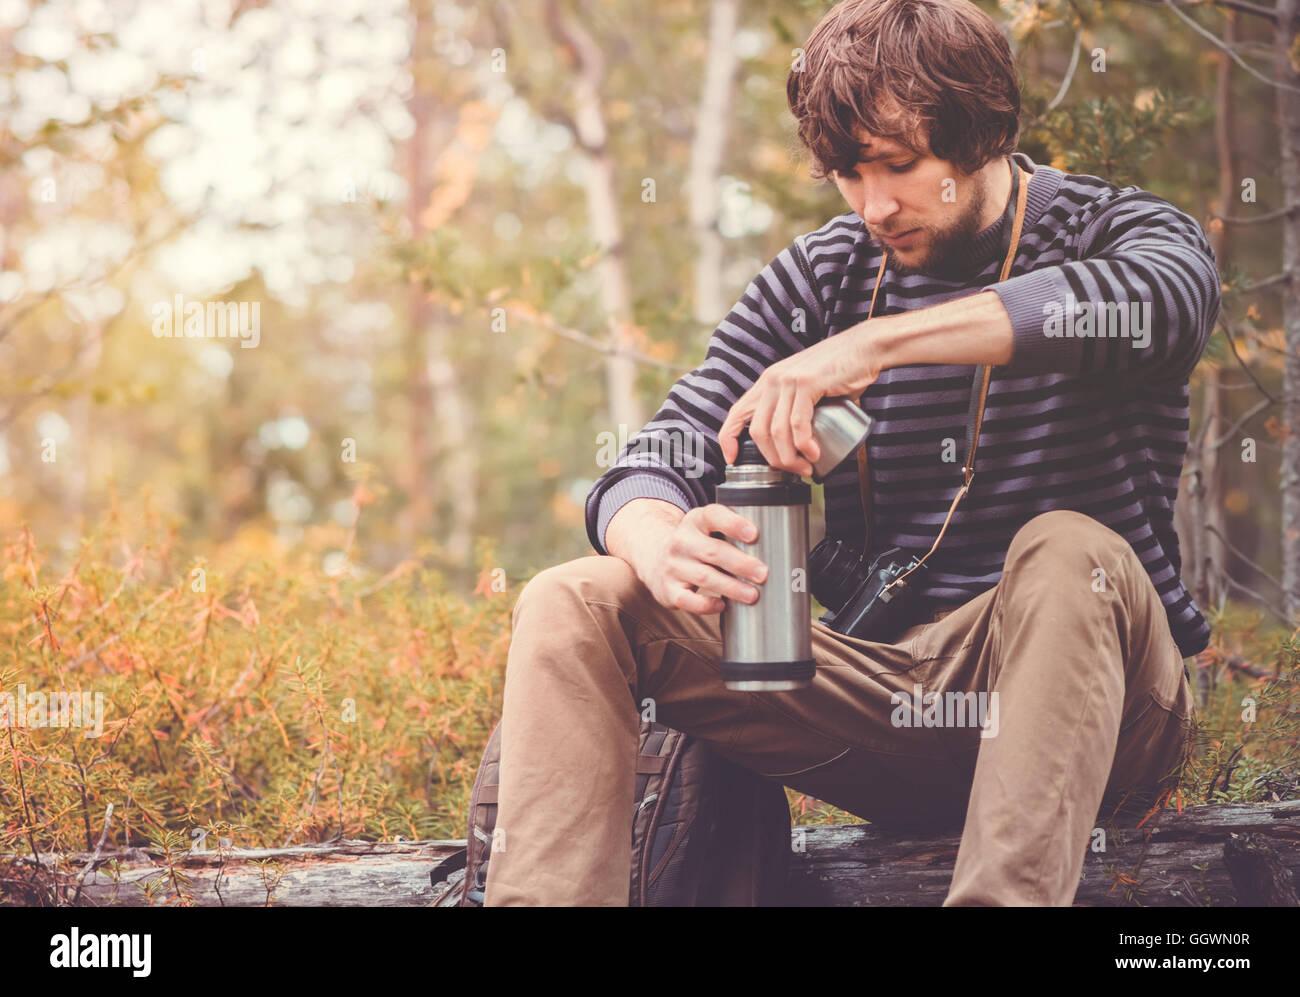 Reisender Mann im Wald mit Thermoskanne, Rucksack und Foto Kamera Reisen Lifestyle Konzept Urlaub im Freien entspannen Stockbild